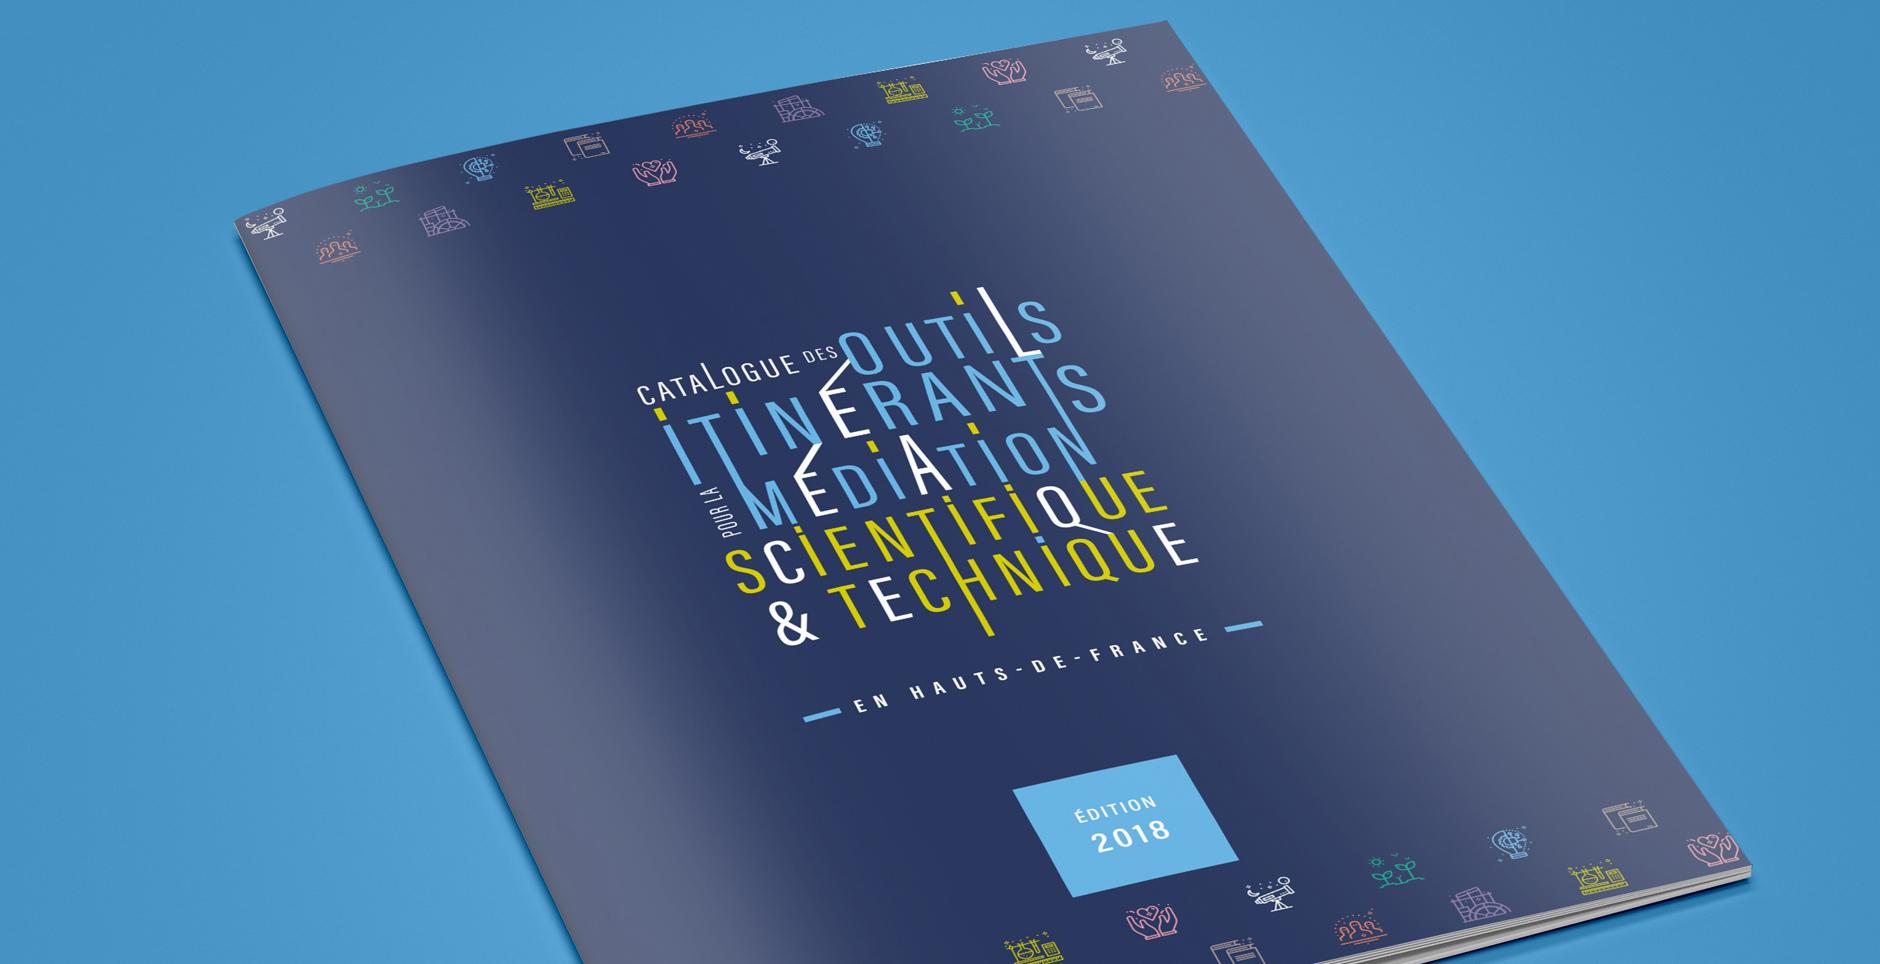 ombelliscience, okowoko, design graphique, communication, amiens, hauts-de-france, médiation scientifique